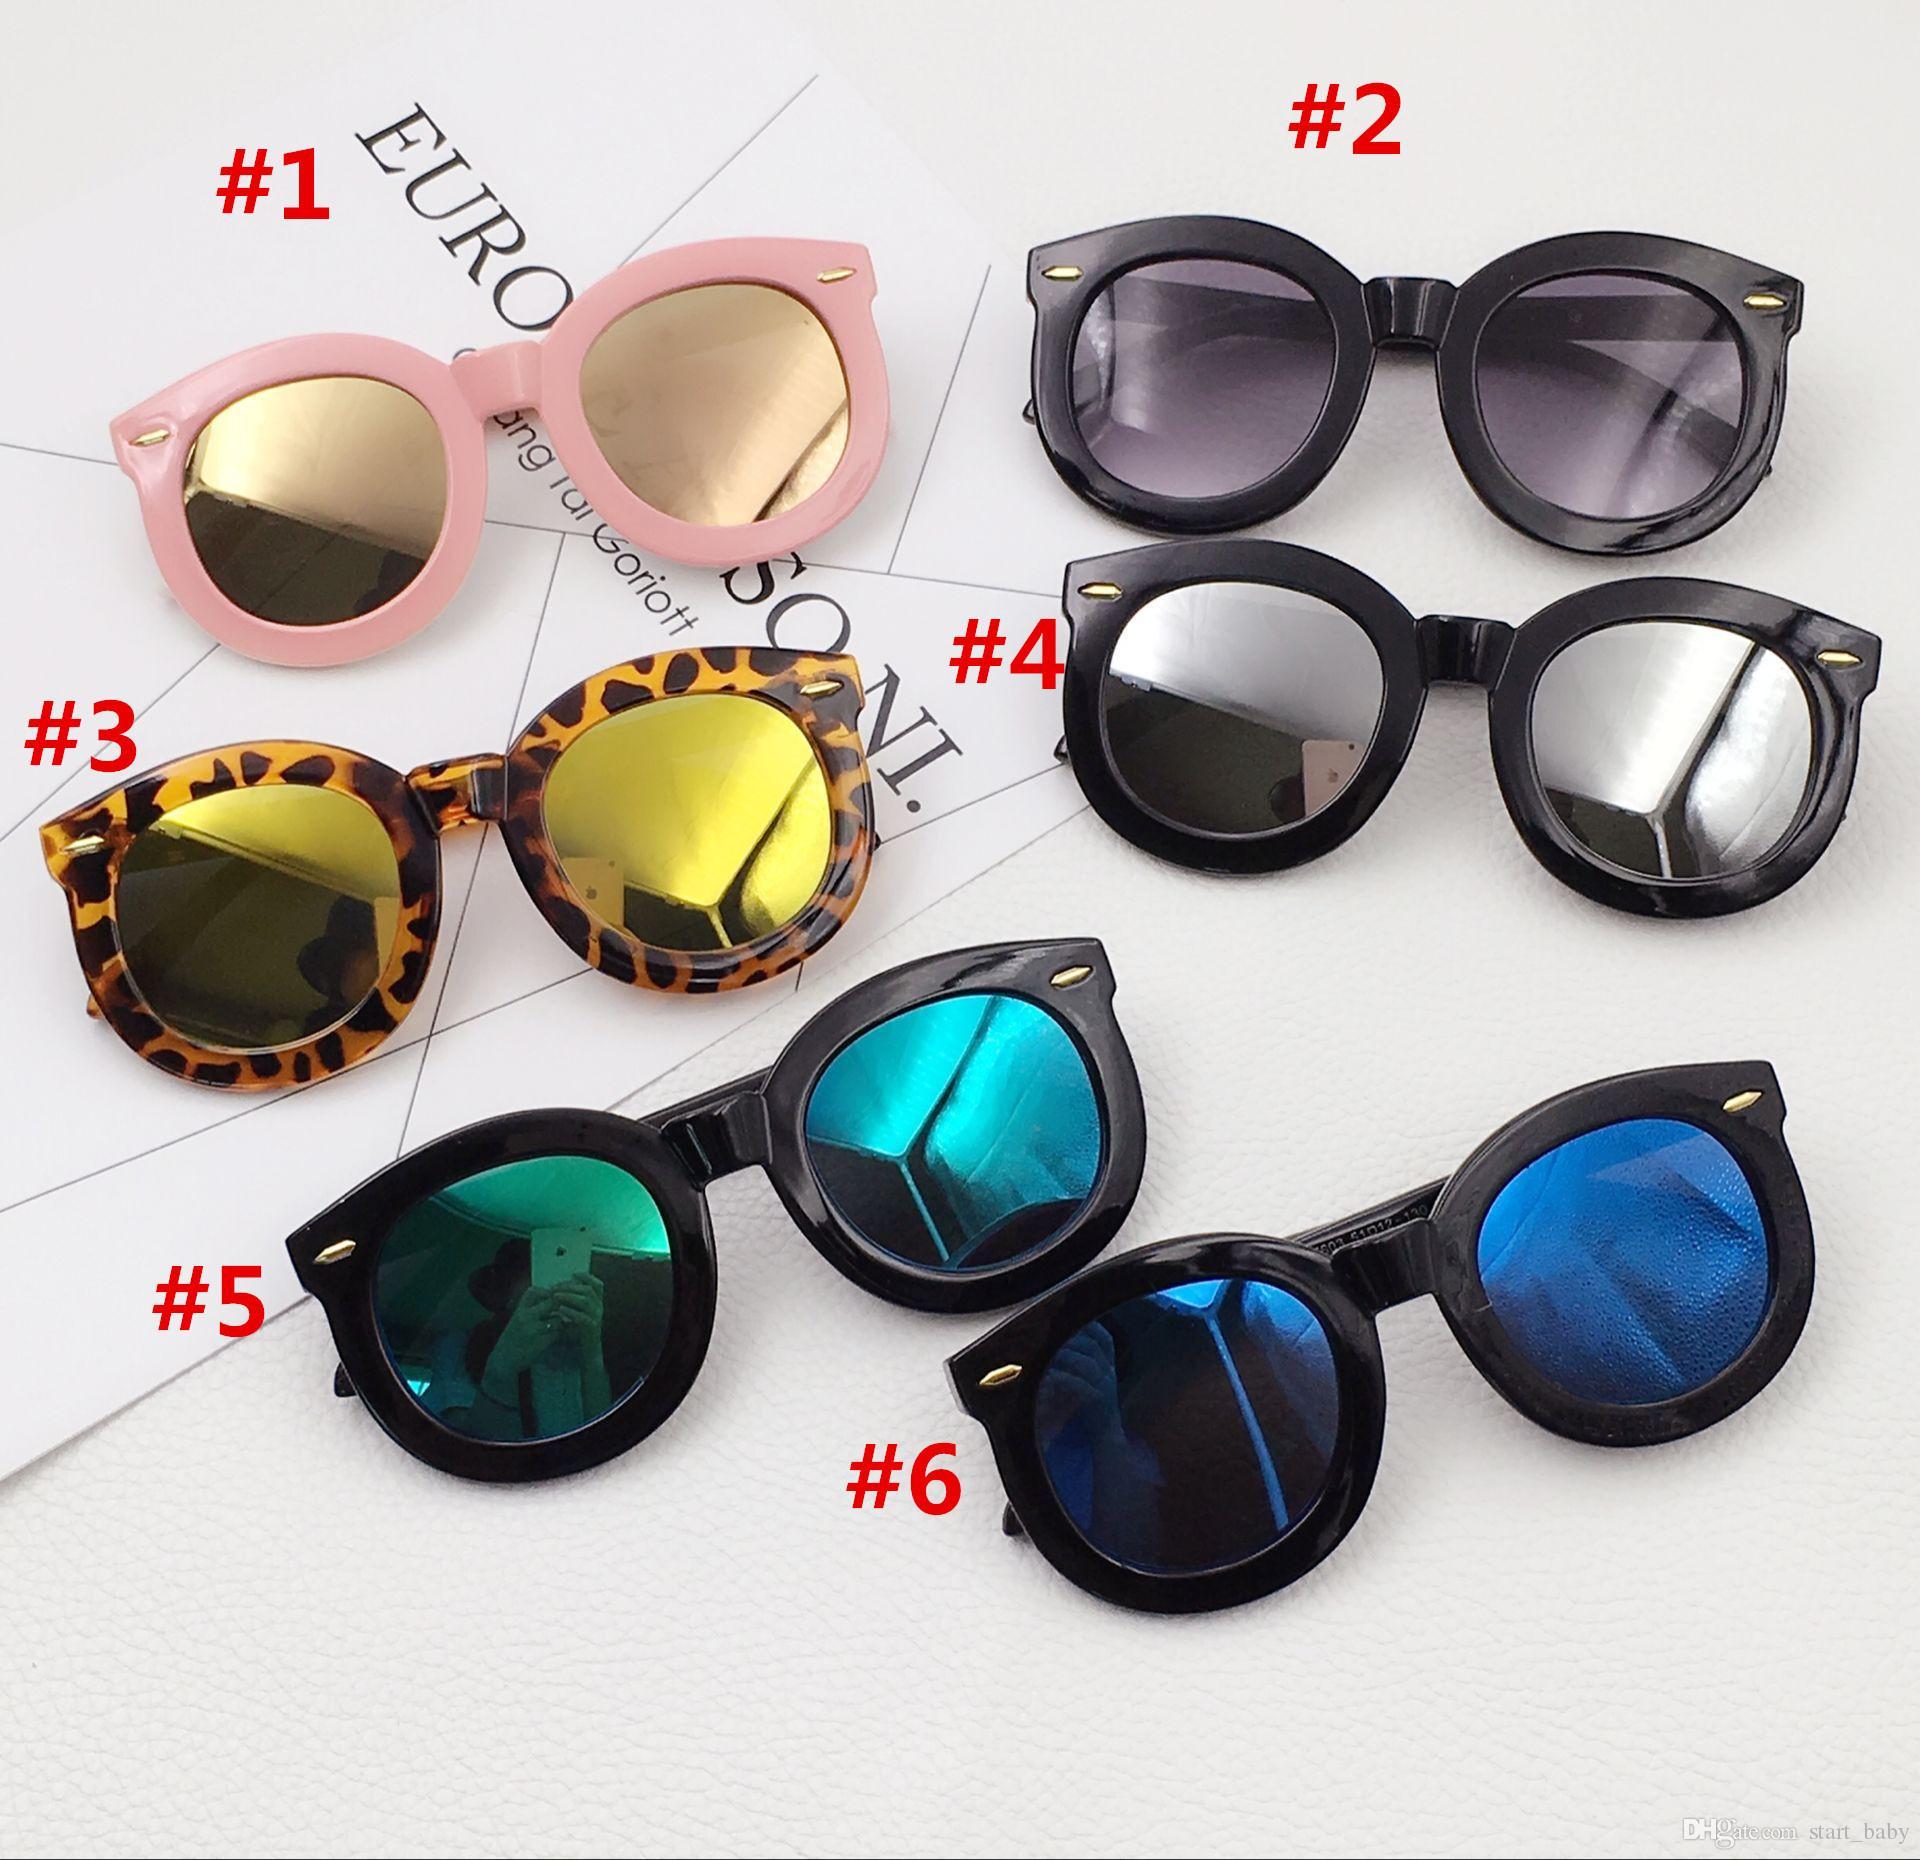 53b68bc2317a1 Compre Moda Personalidade Crianças Óculos De Sol 6 Estilos De Verão Retro  Óculos Decorativos Praia Sombrinha Produtos Para Crianças Anti UV Óculos De  ...